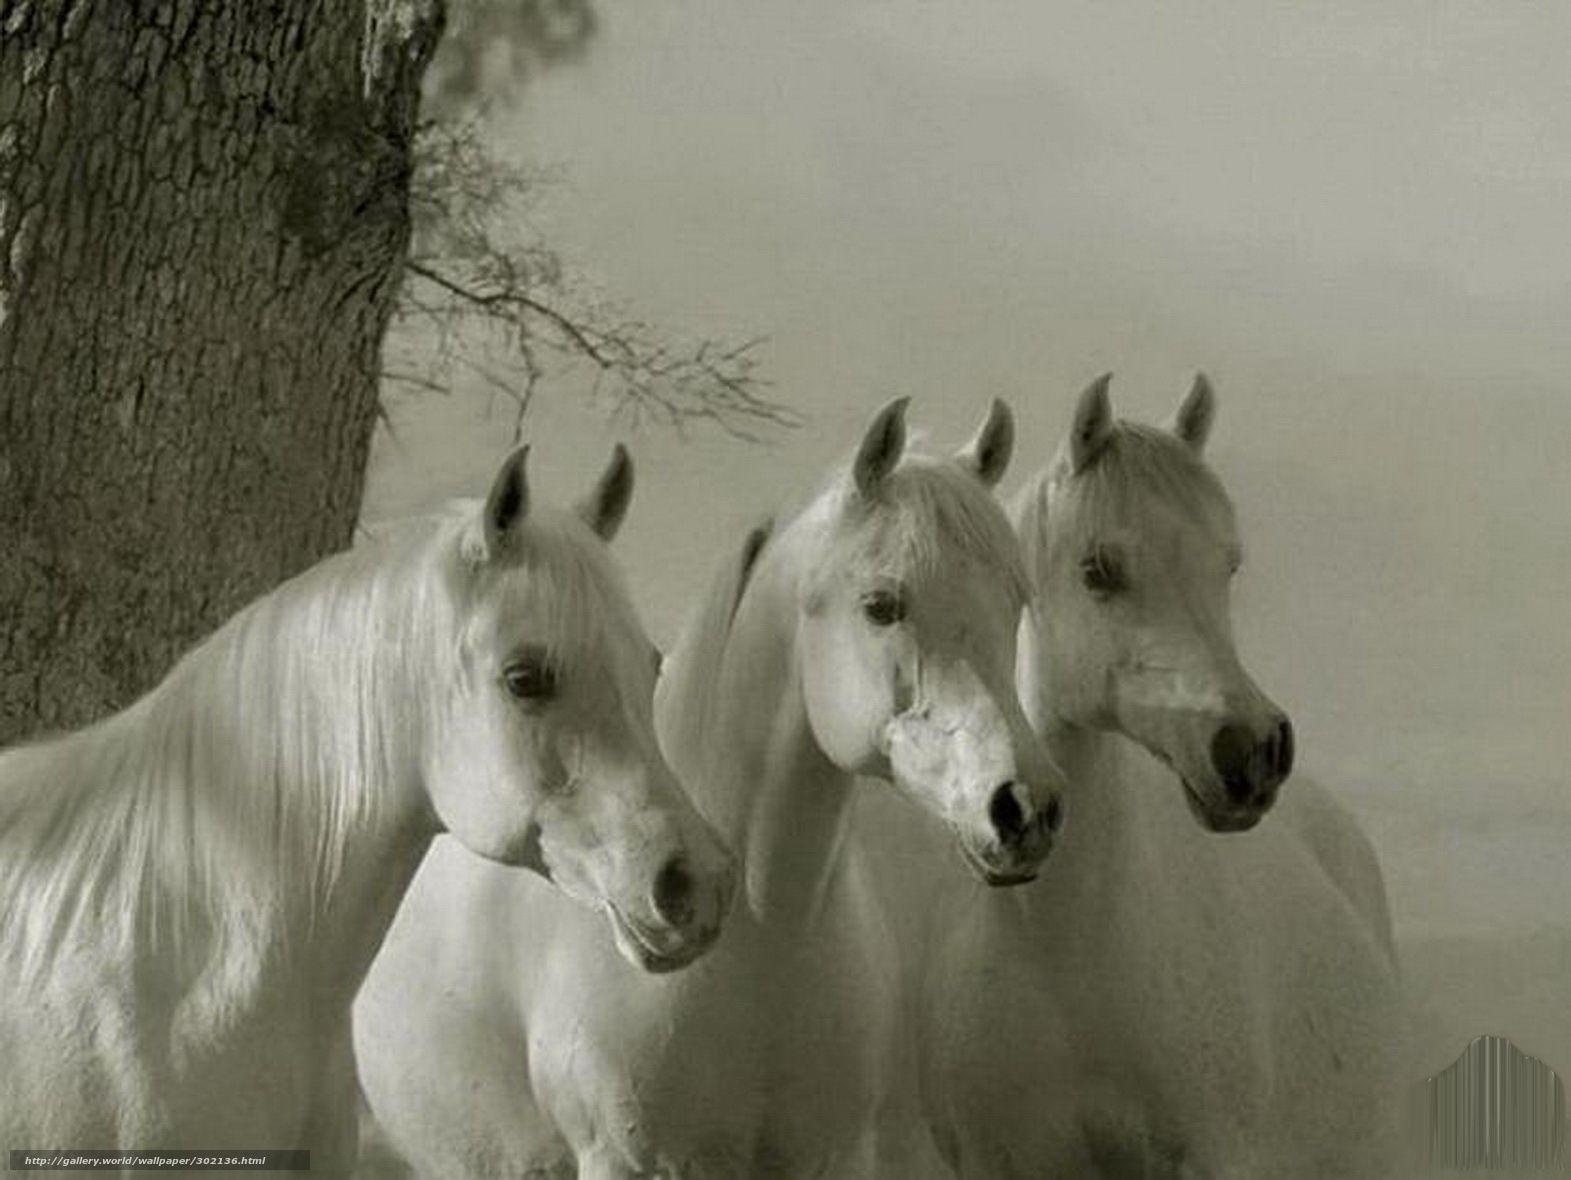 Geliebte pferdebilder als hintergrund | Download Hintergrund Pferde, Pferd &ZF_29